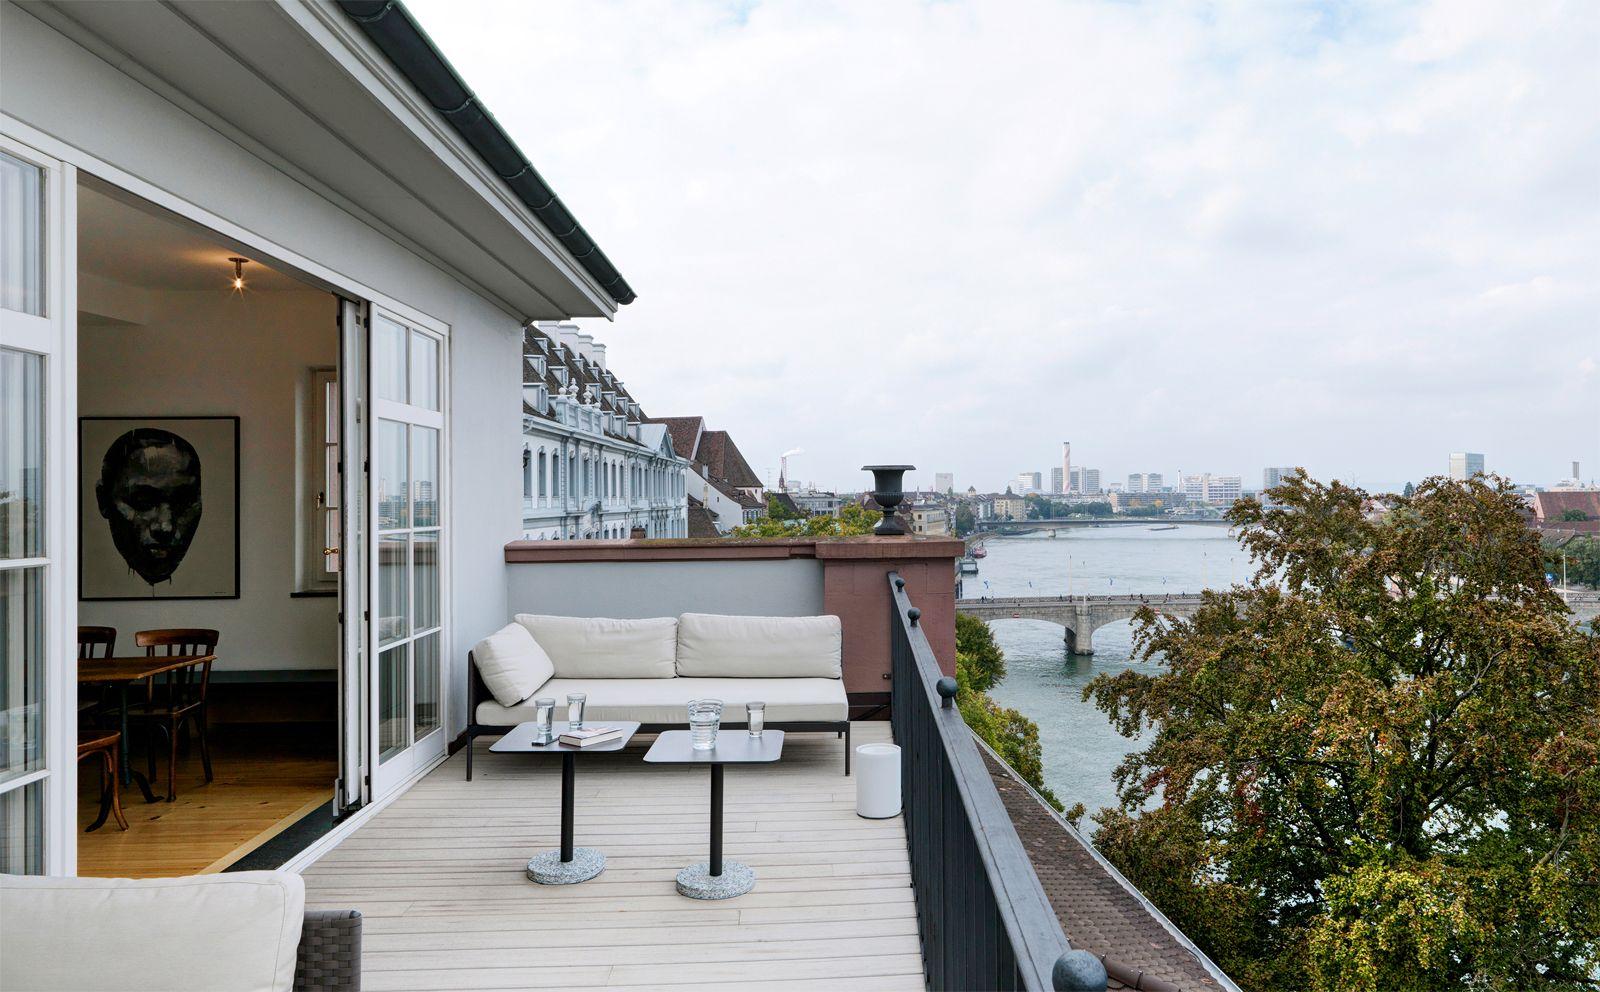 Innenarchitektur Basel innenarchitektur inneneinrichtung und umbau einer altstadtwohnung